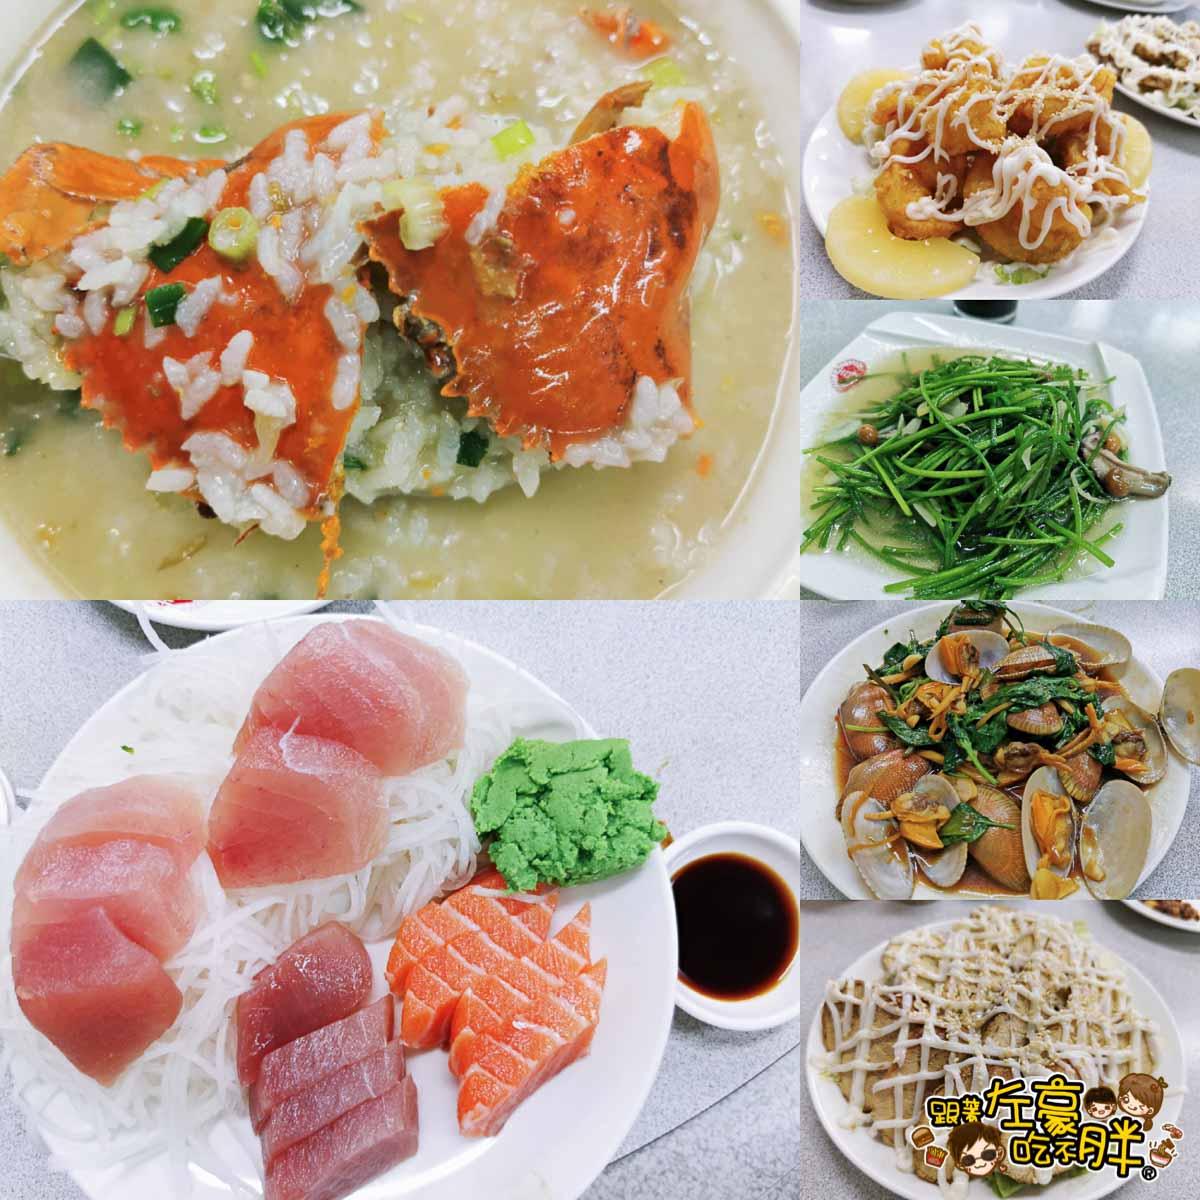 高雄大樹美食 吉林海產店(必點螃蟹粥)-25